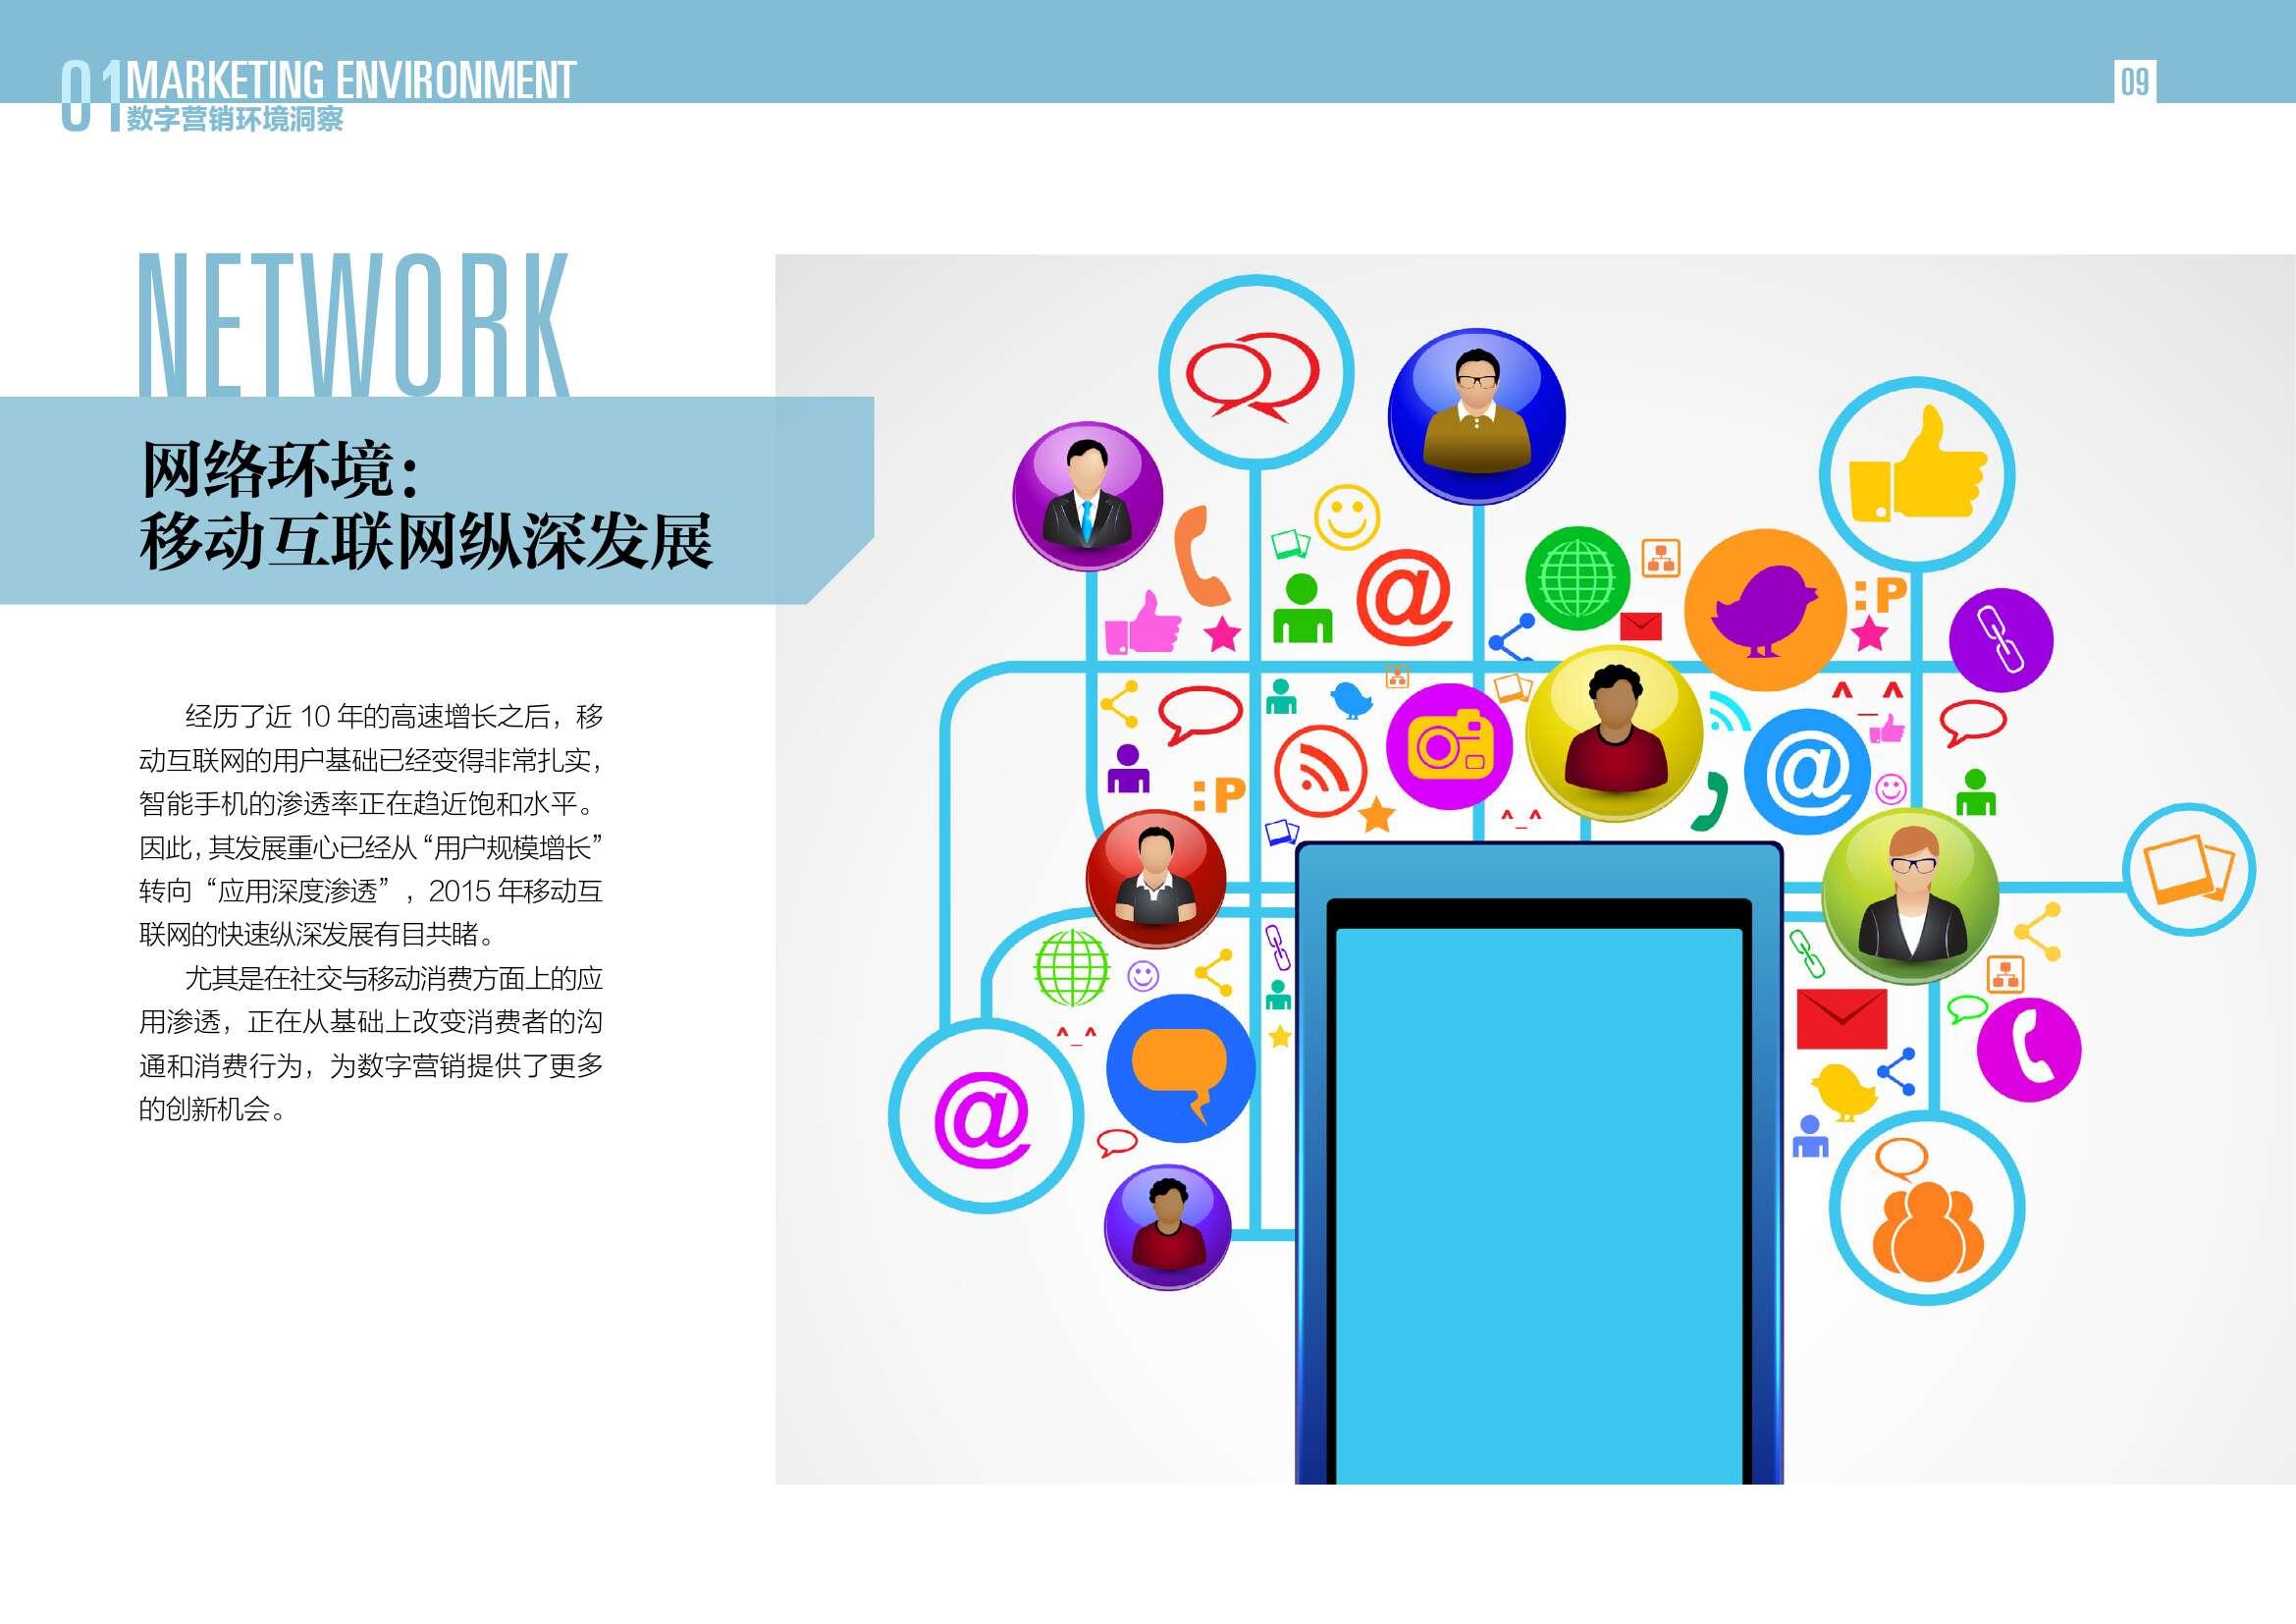 2016中国数字营销行动报告_000009